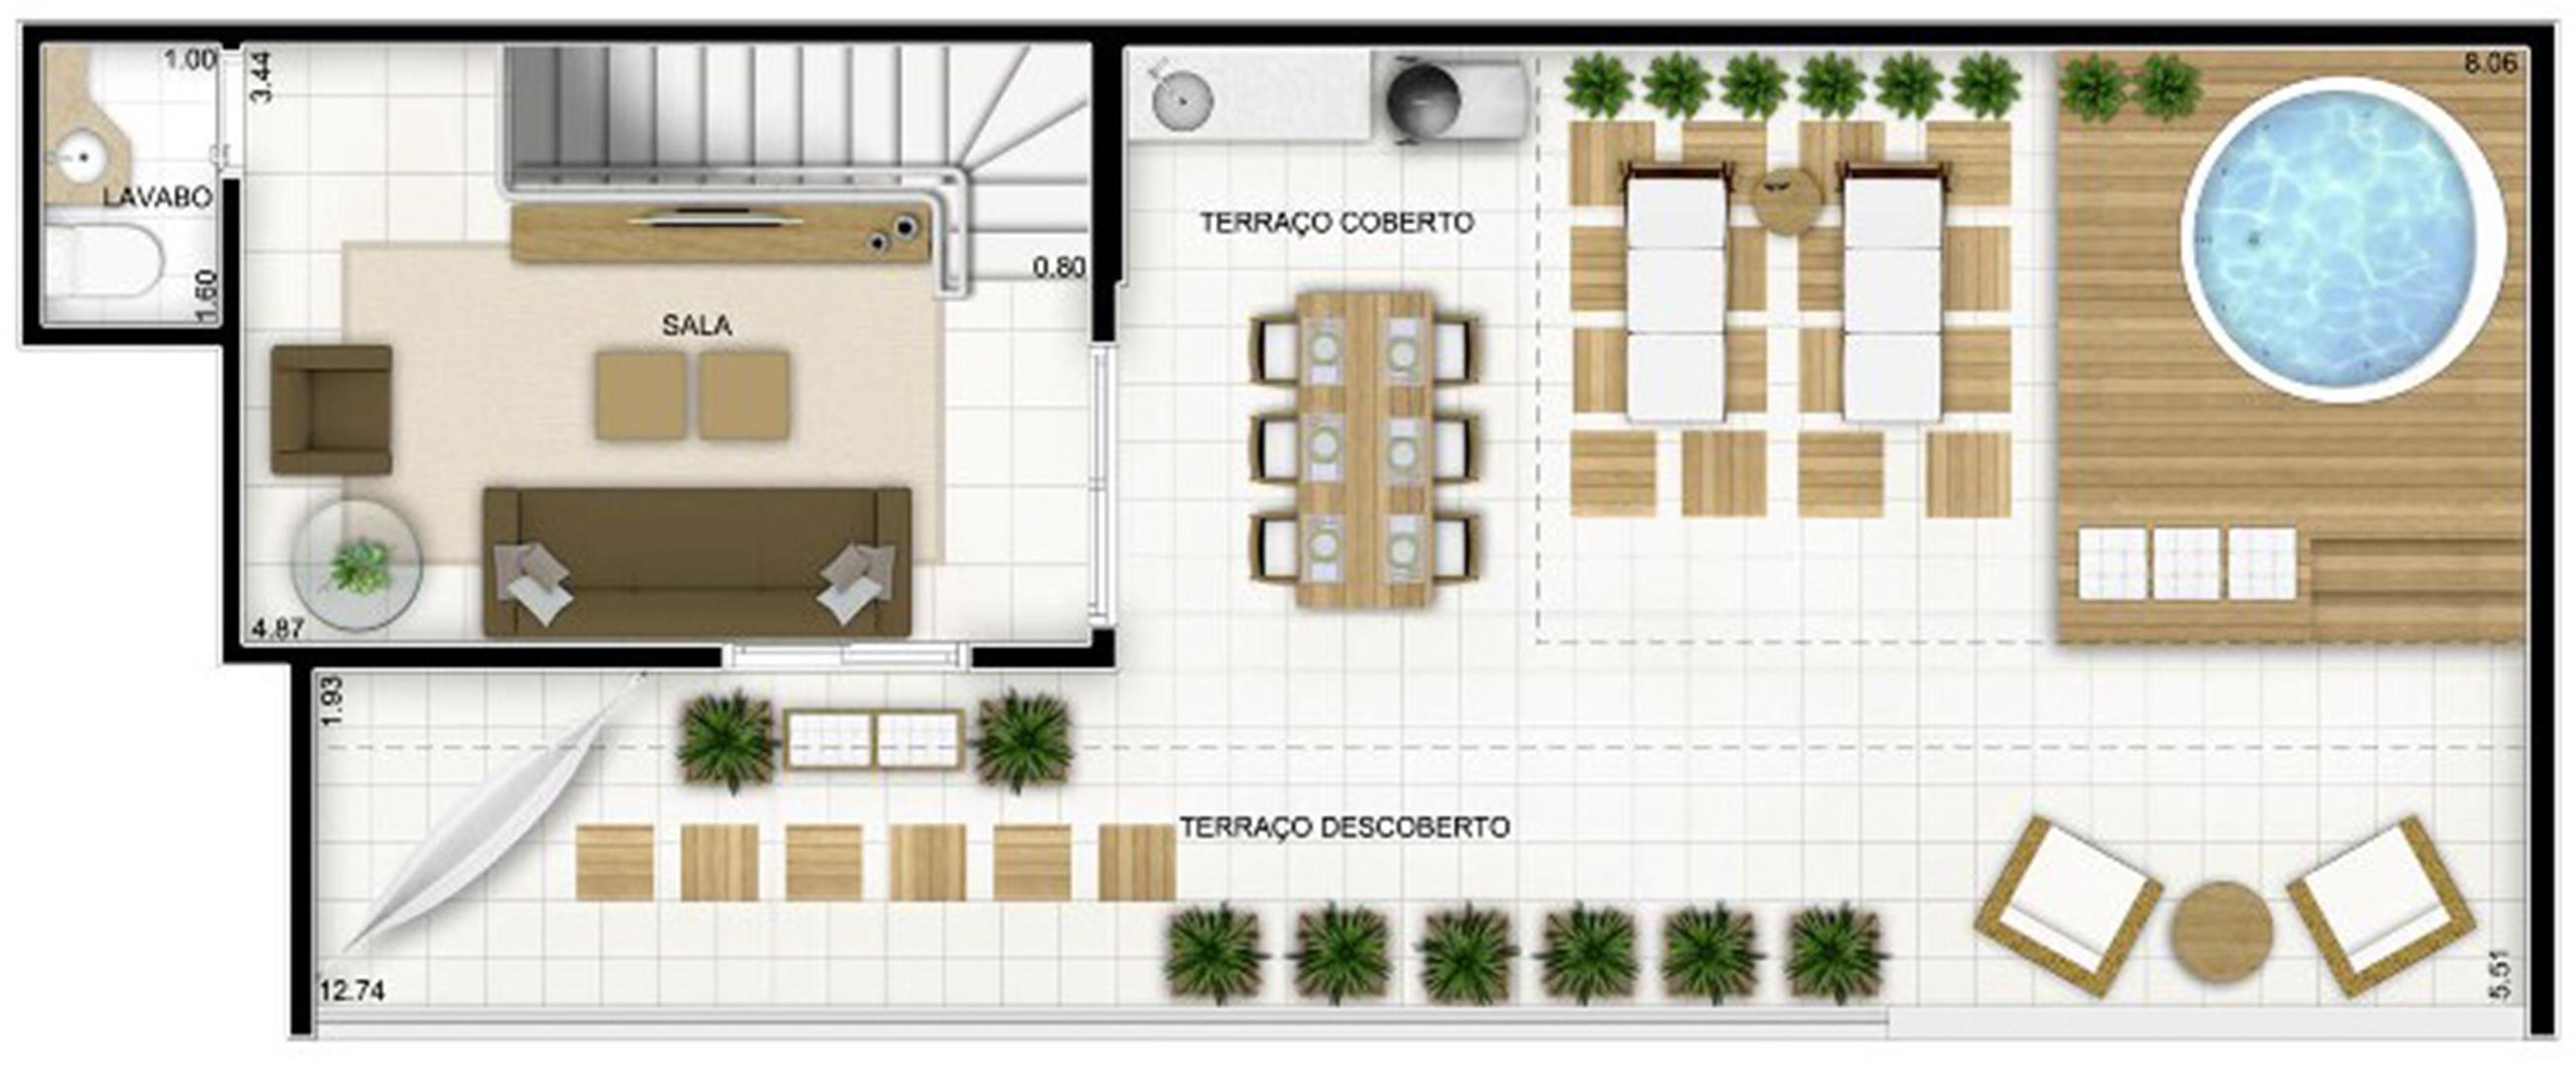 Duplex Andar Superior 159 m²   Quartier Lagoa Nova – Apartamento na  Lagoa Nova - Natal - Rio Grande do Norte